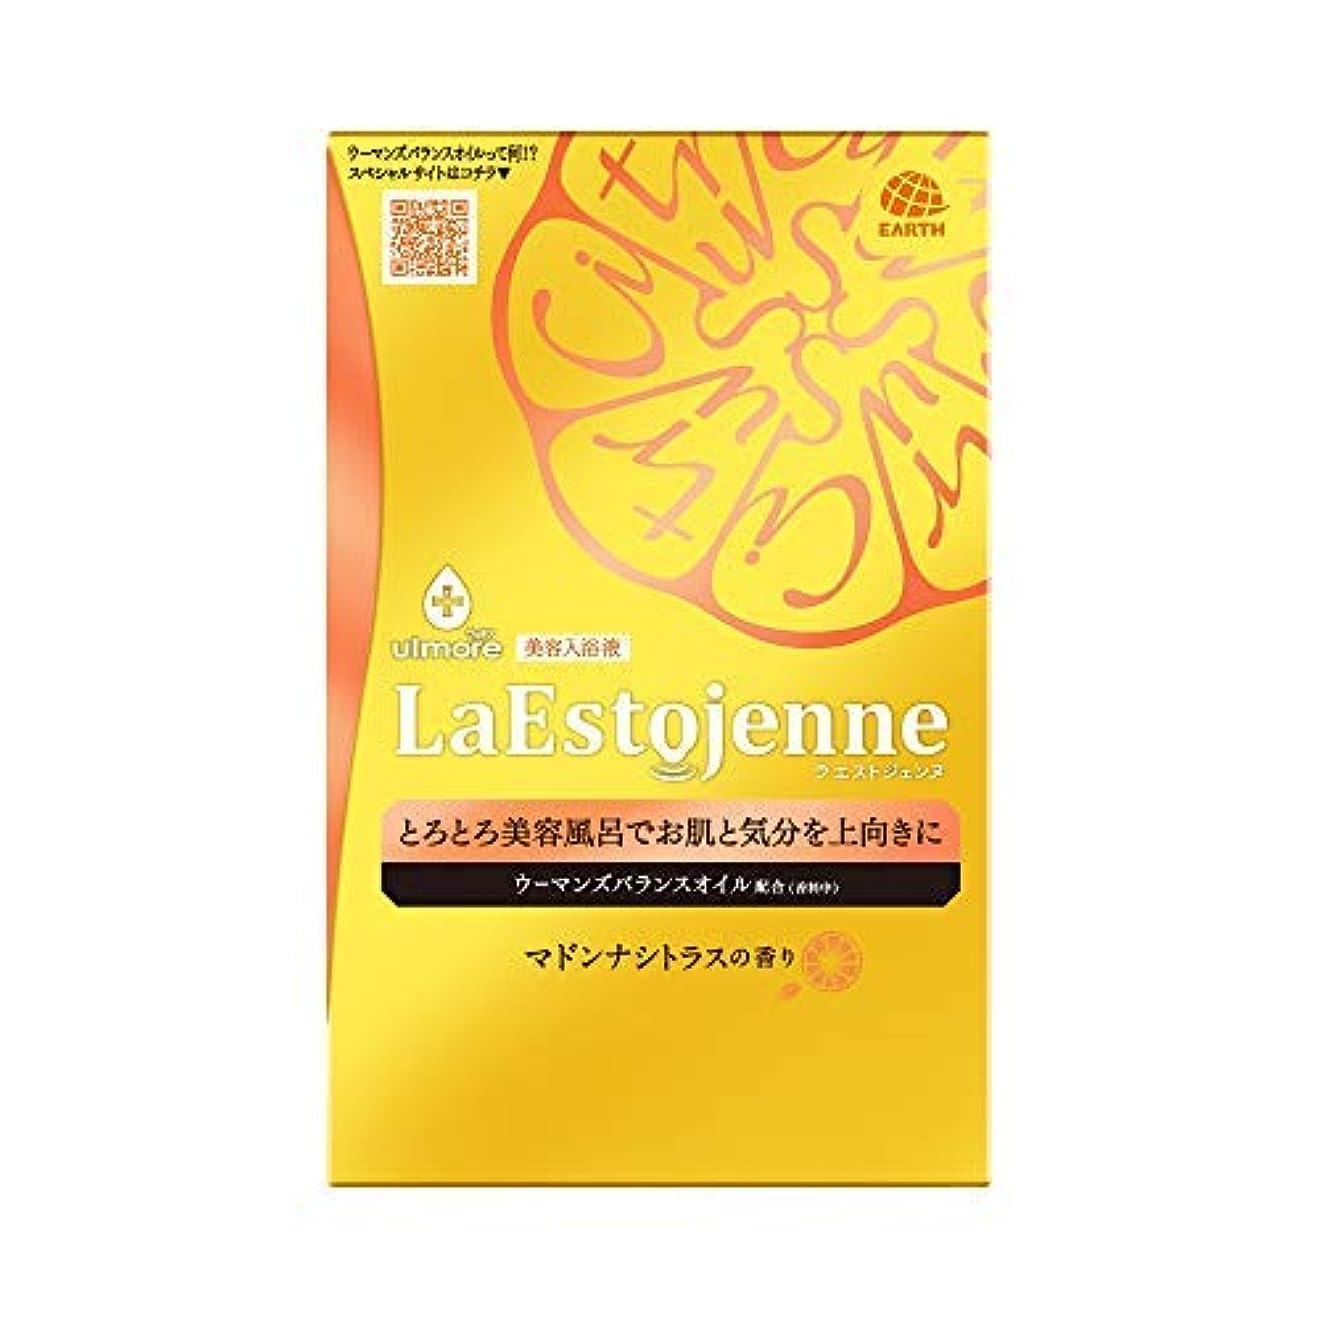 花弁ペチコート担保ウルモア ラエストジェンヌ マドンナシトラスの香り 3包入り × 2個セット